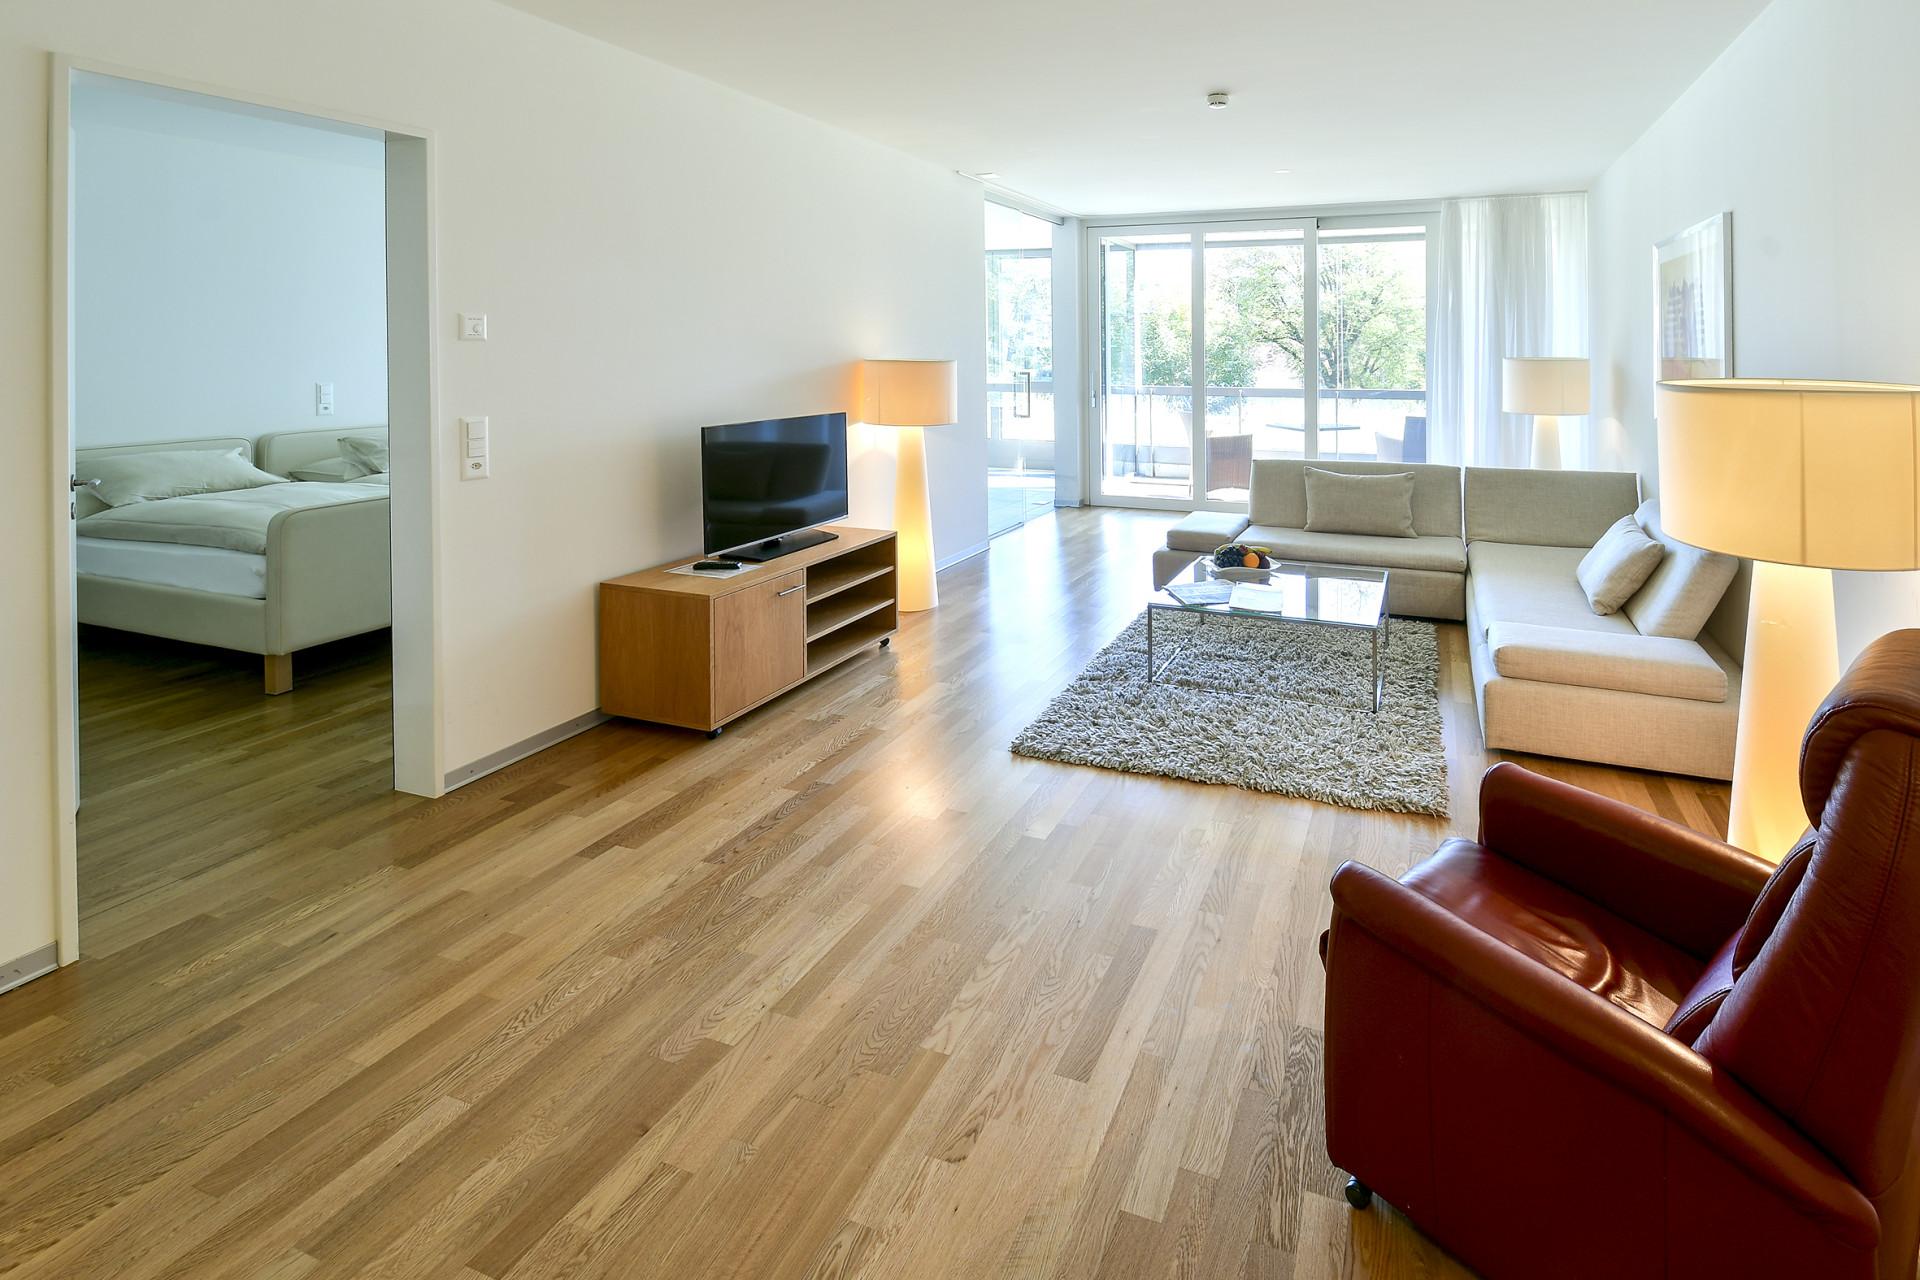 Wohnzimmer der Junior-Suite im Park-Hotel am Rhein